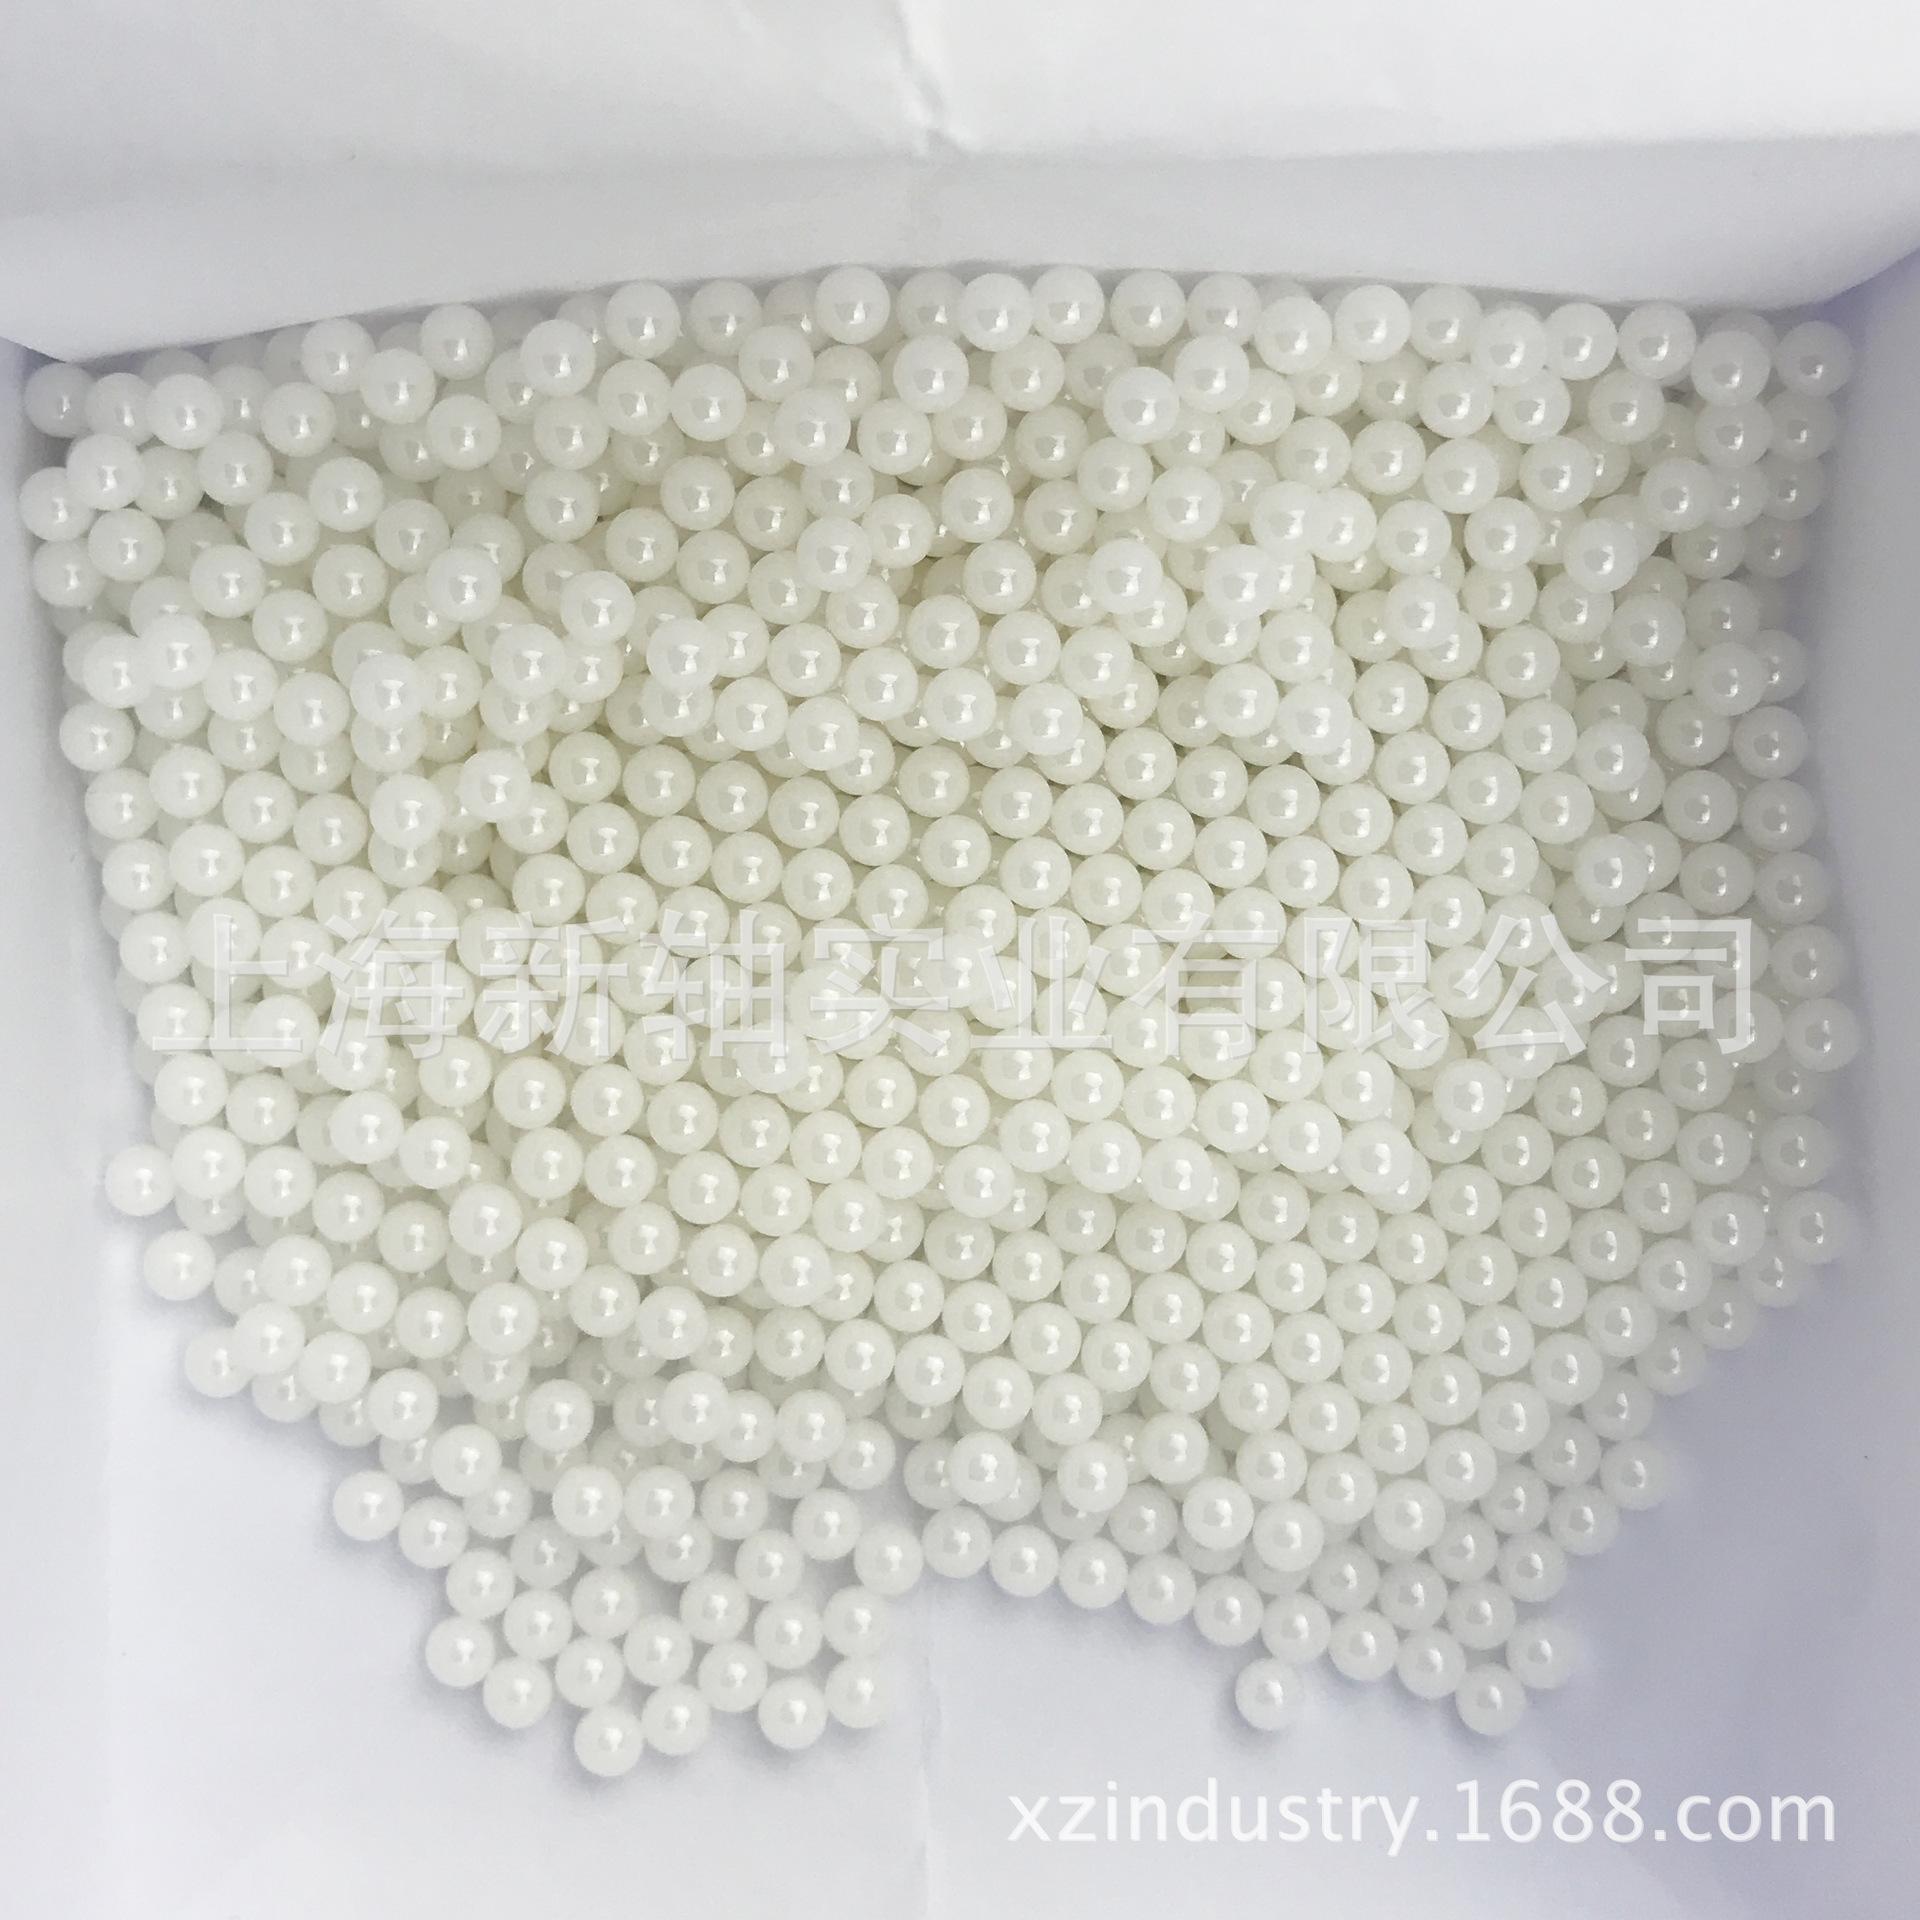 白色氧化锆9.525mm计量泵用陶瓷球 研磨专用材料  轴承滚珠